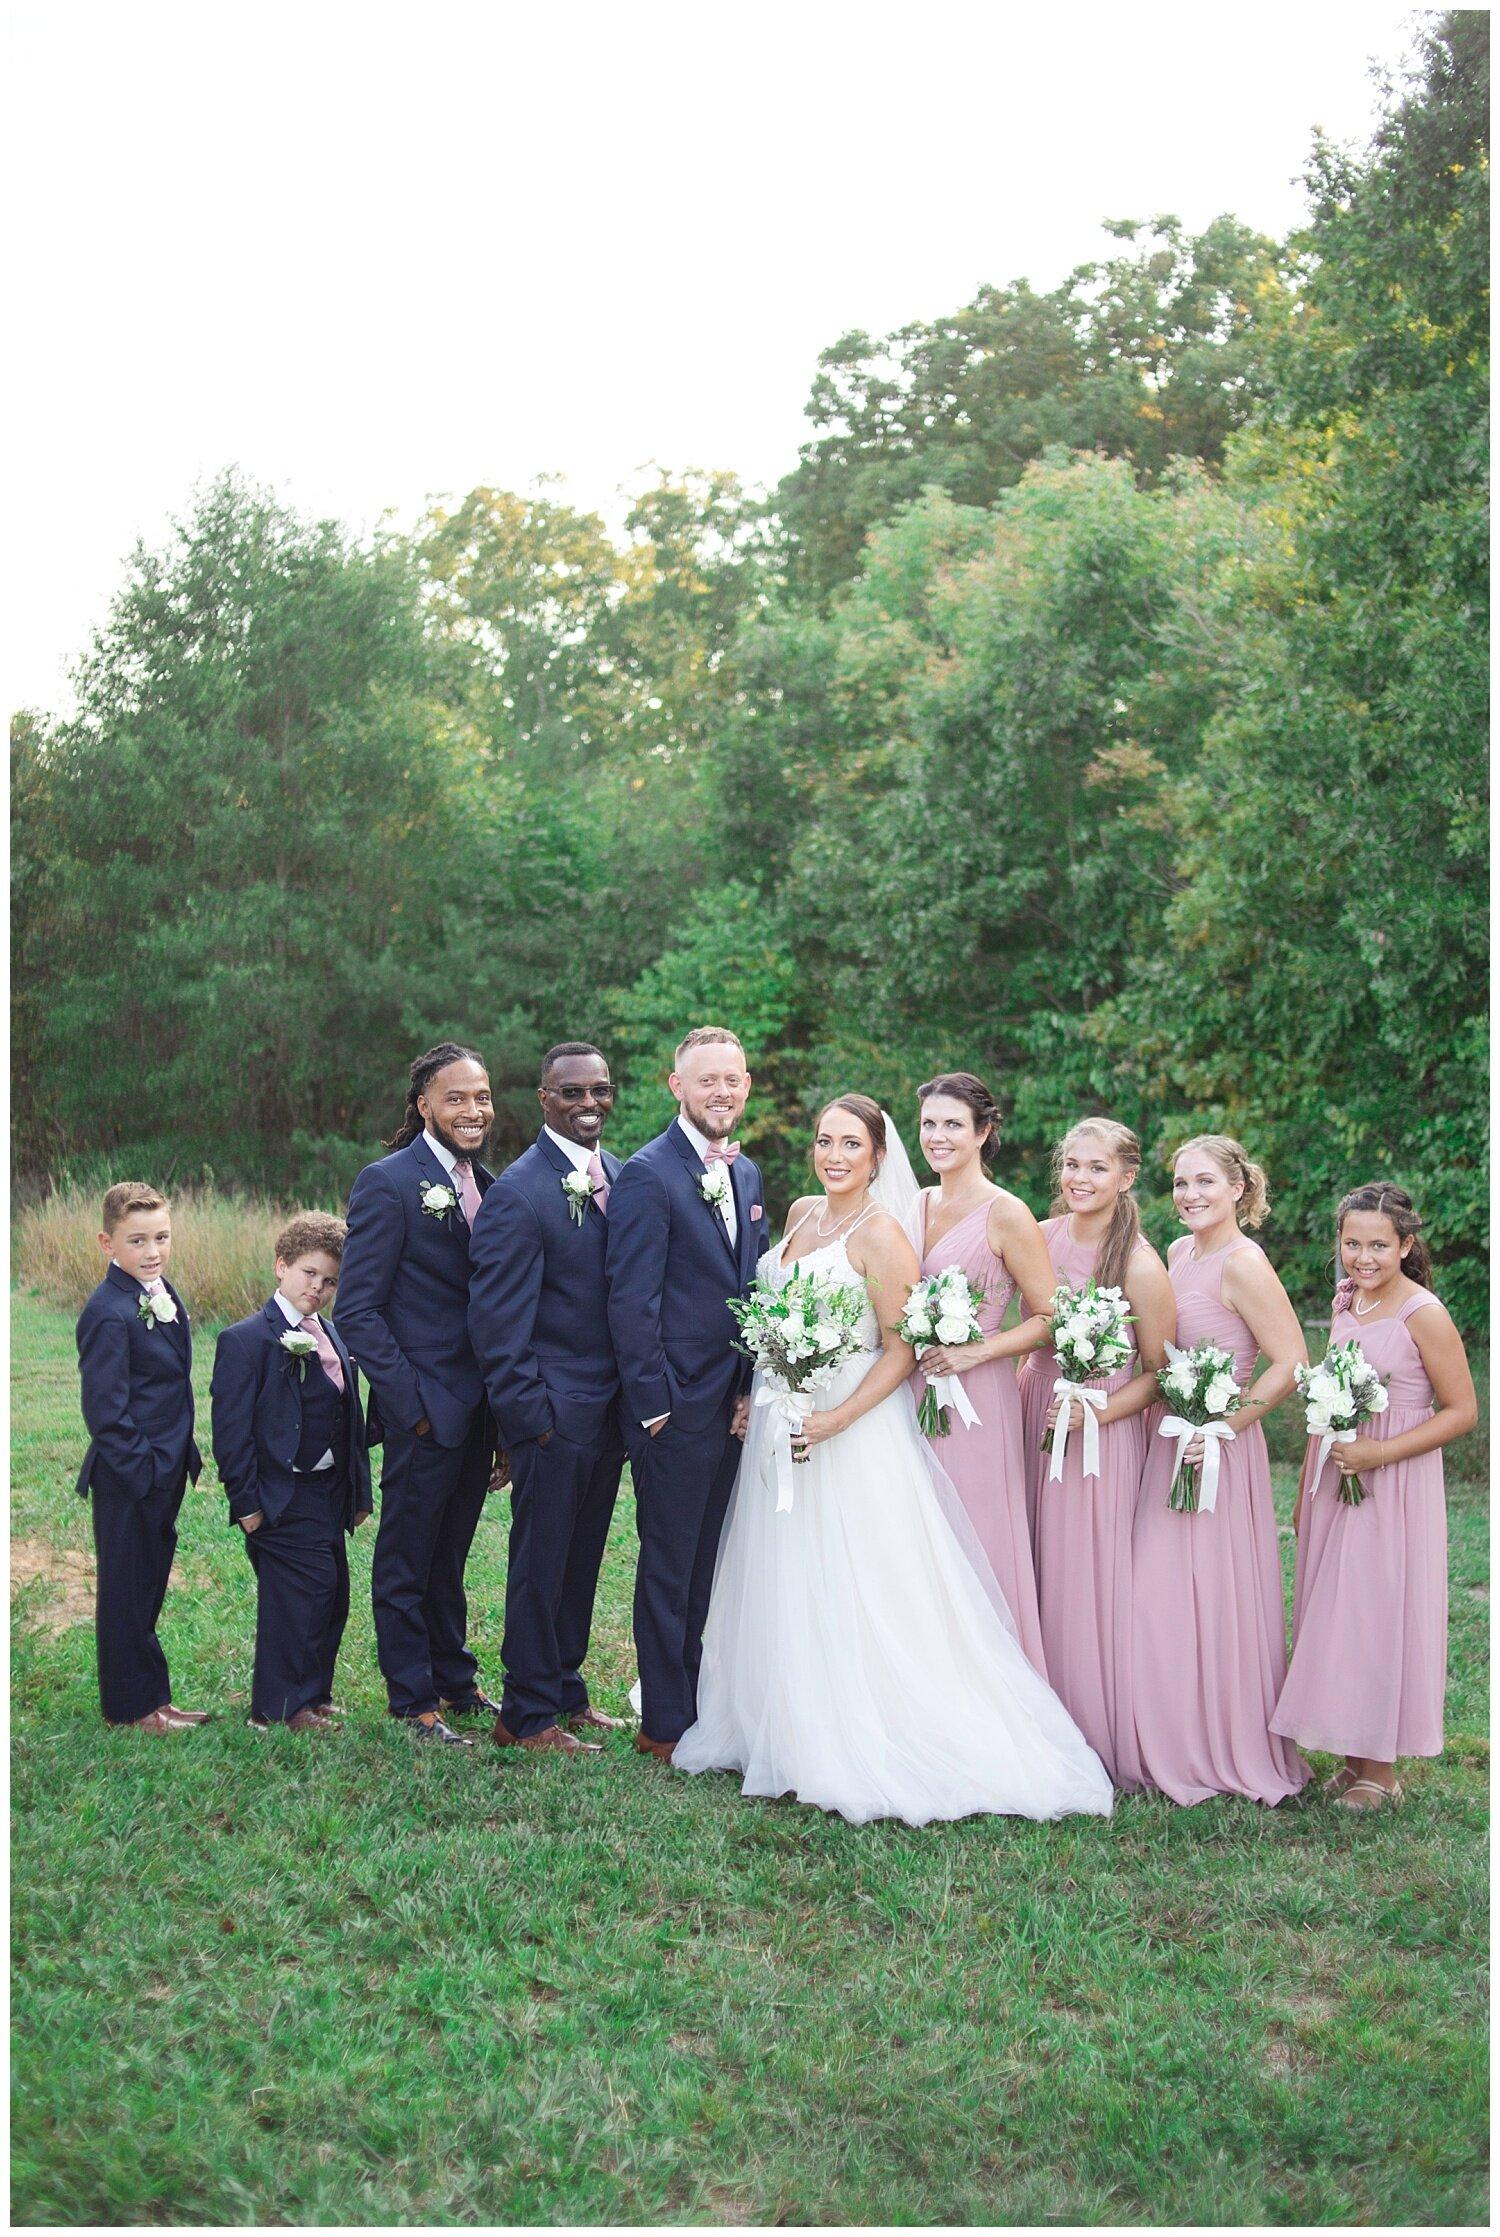 Lovinggggg this bridal party!